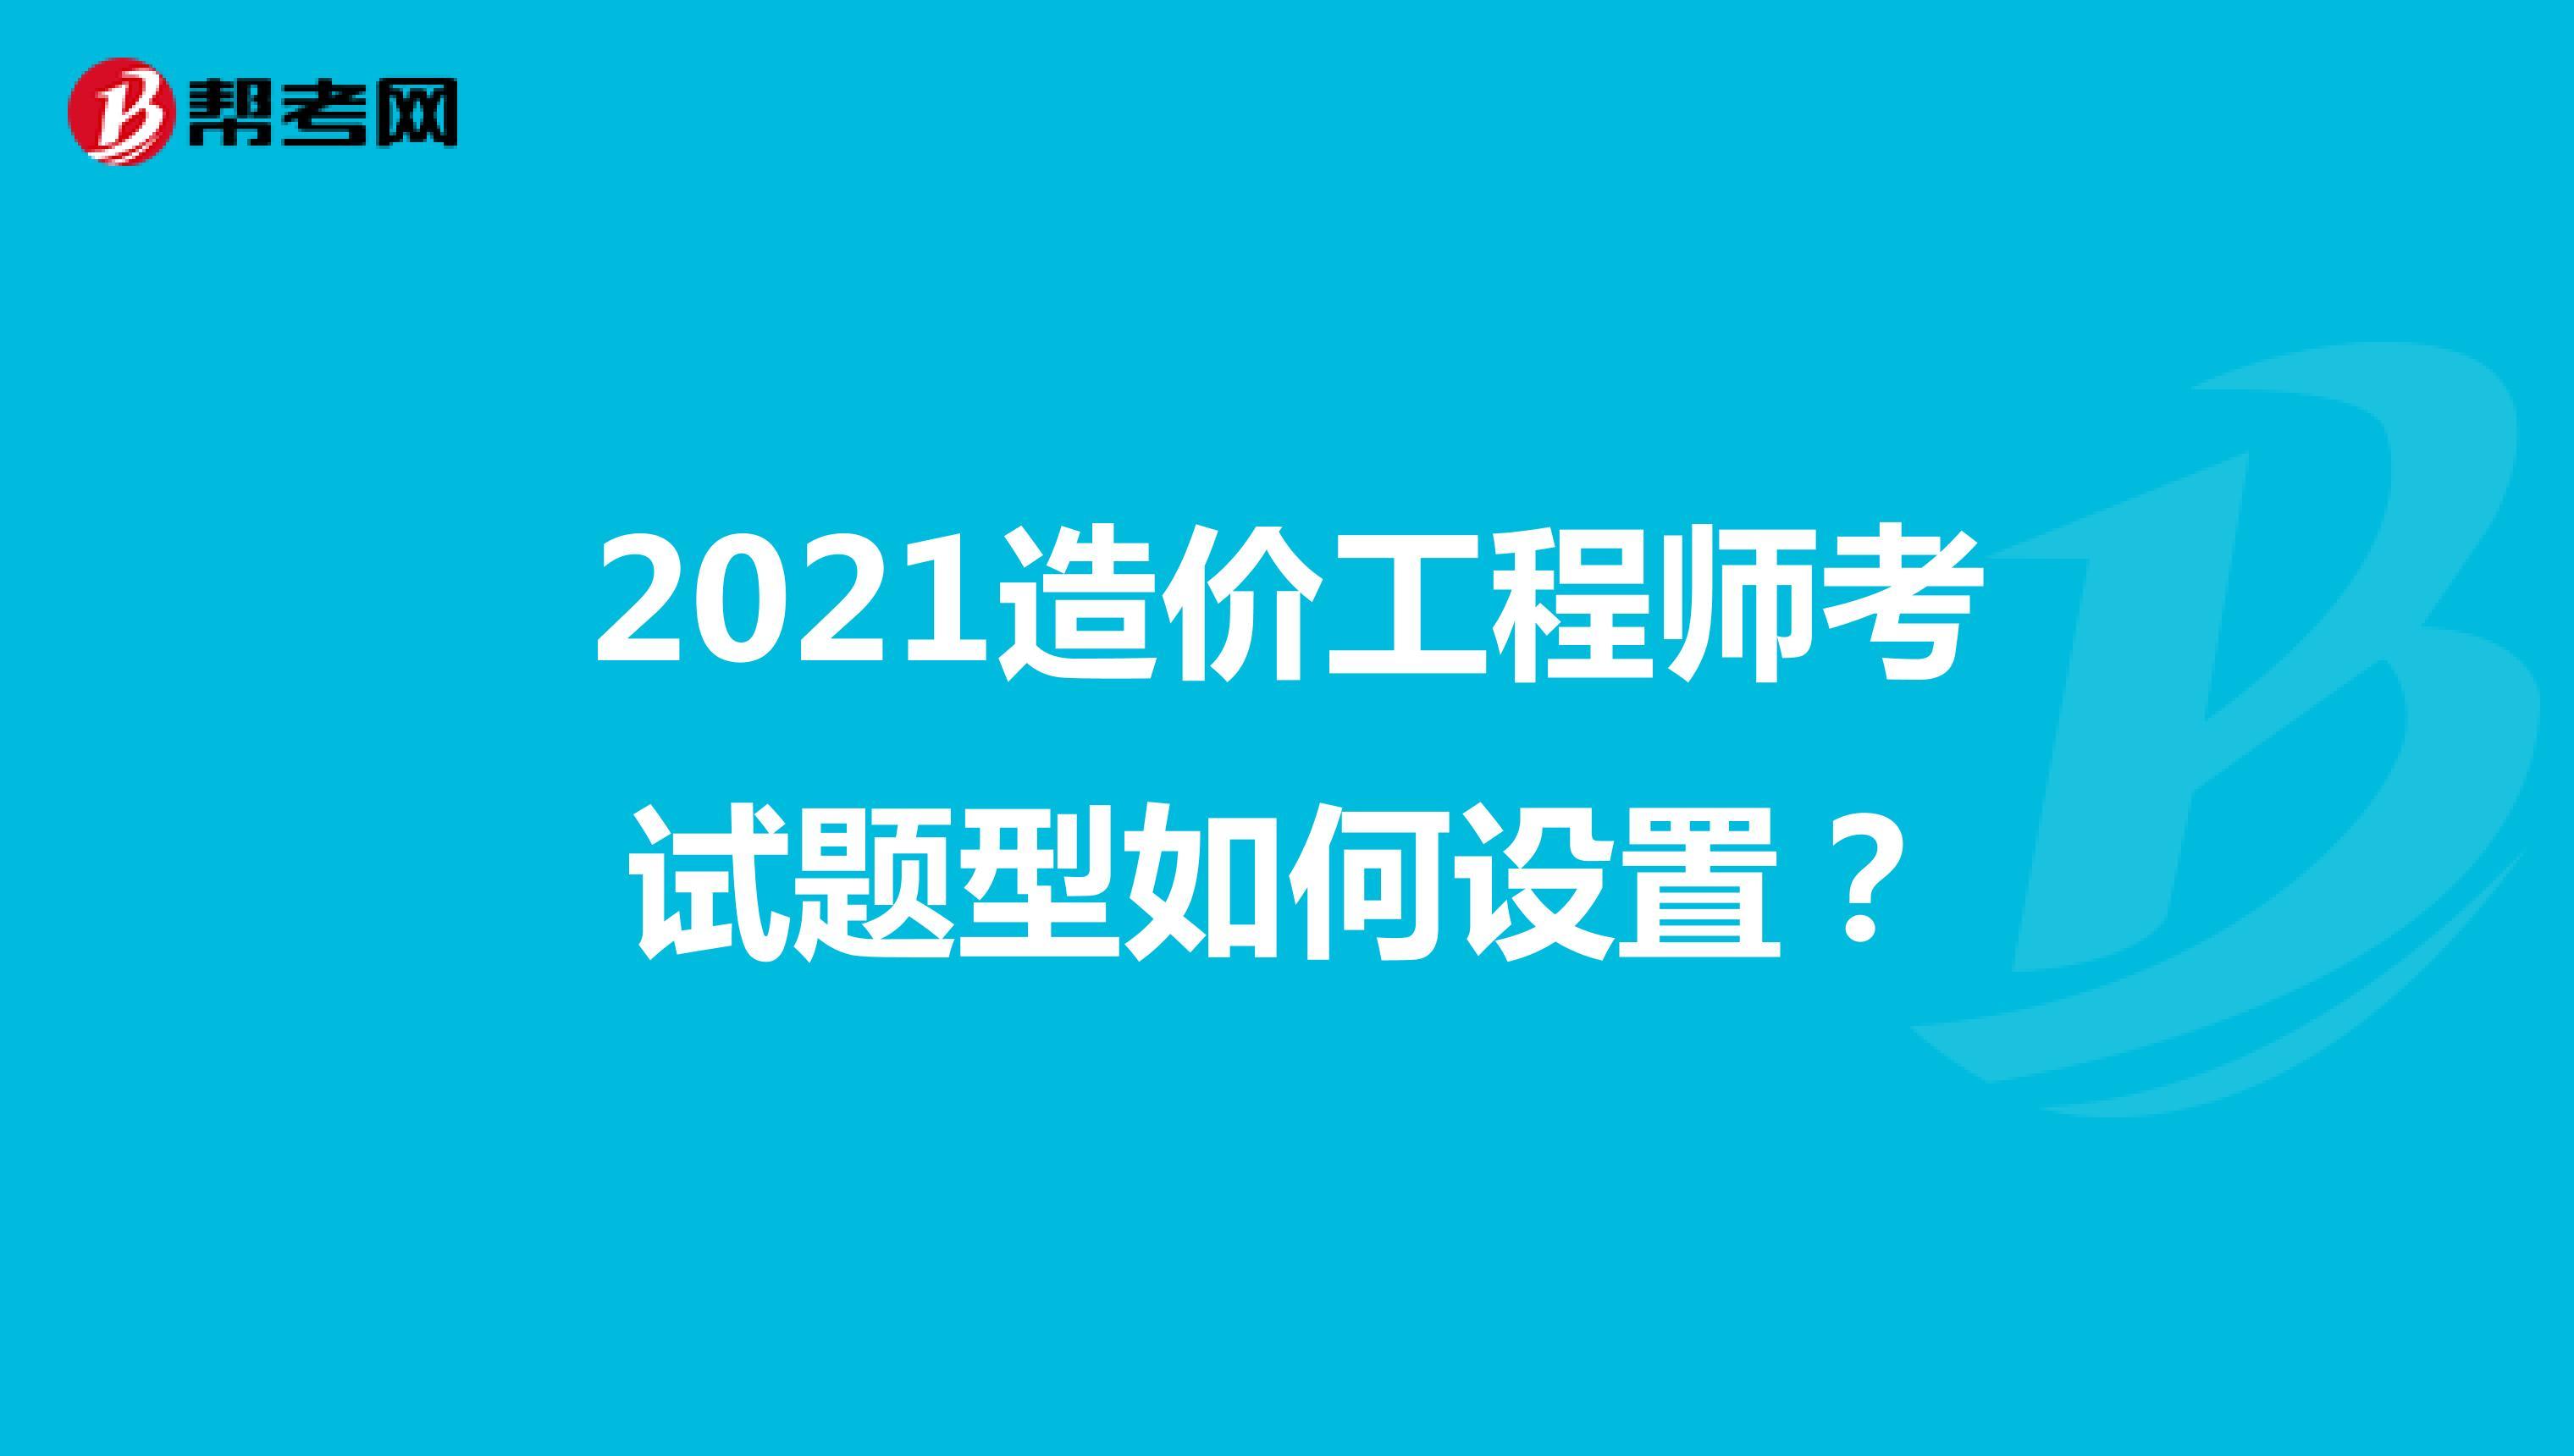 2021造價工程師考試題型如何設置?